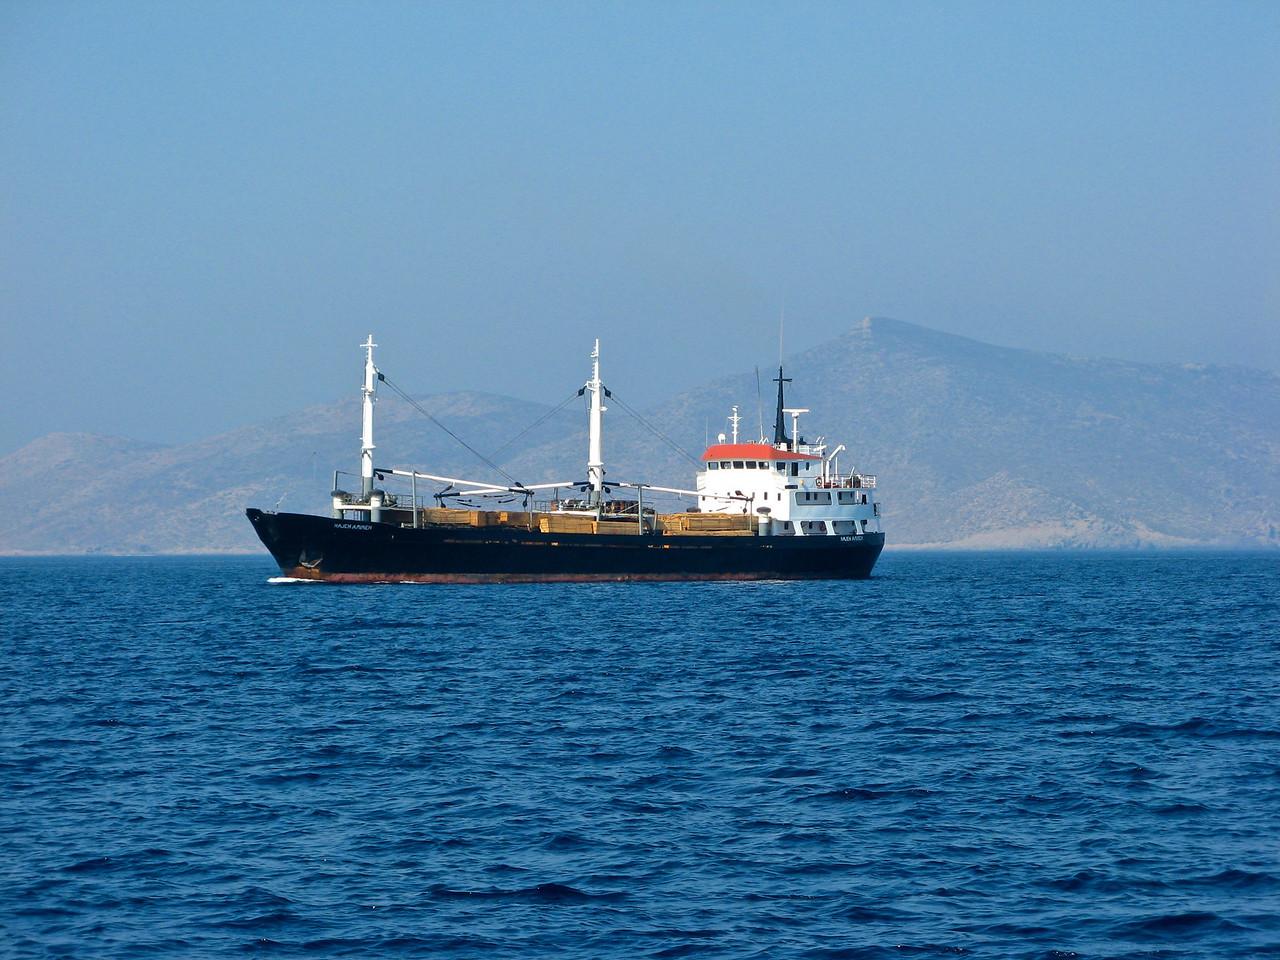 We pass a freighter hauling lumber between islands.